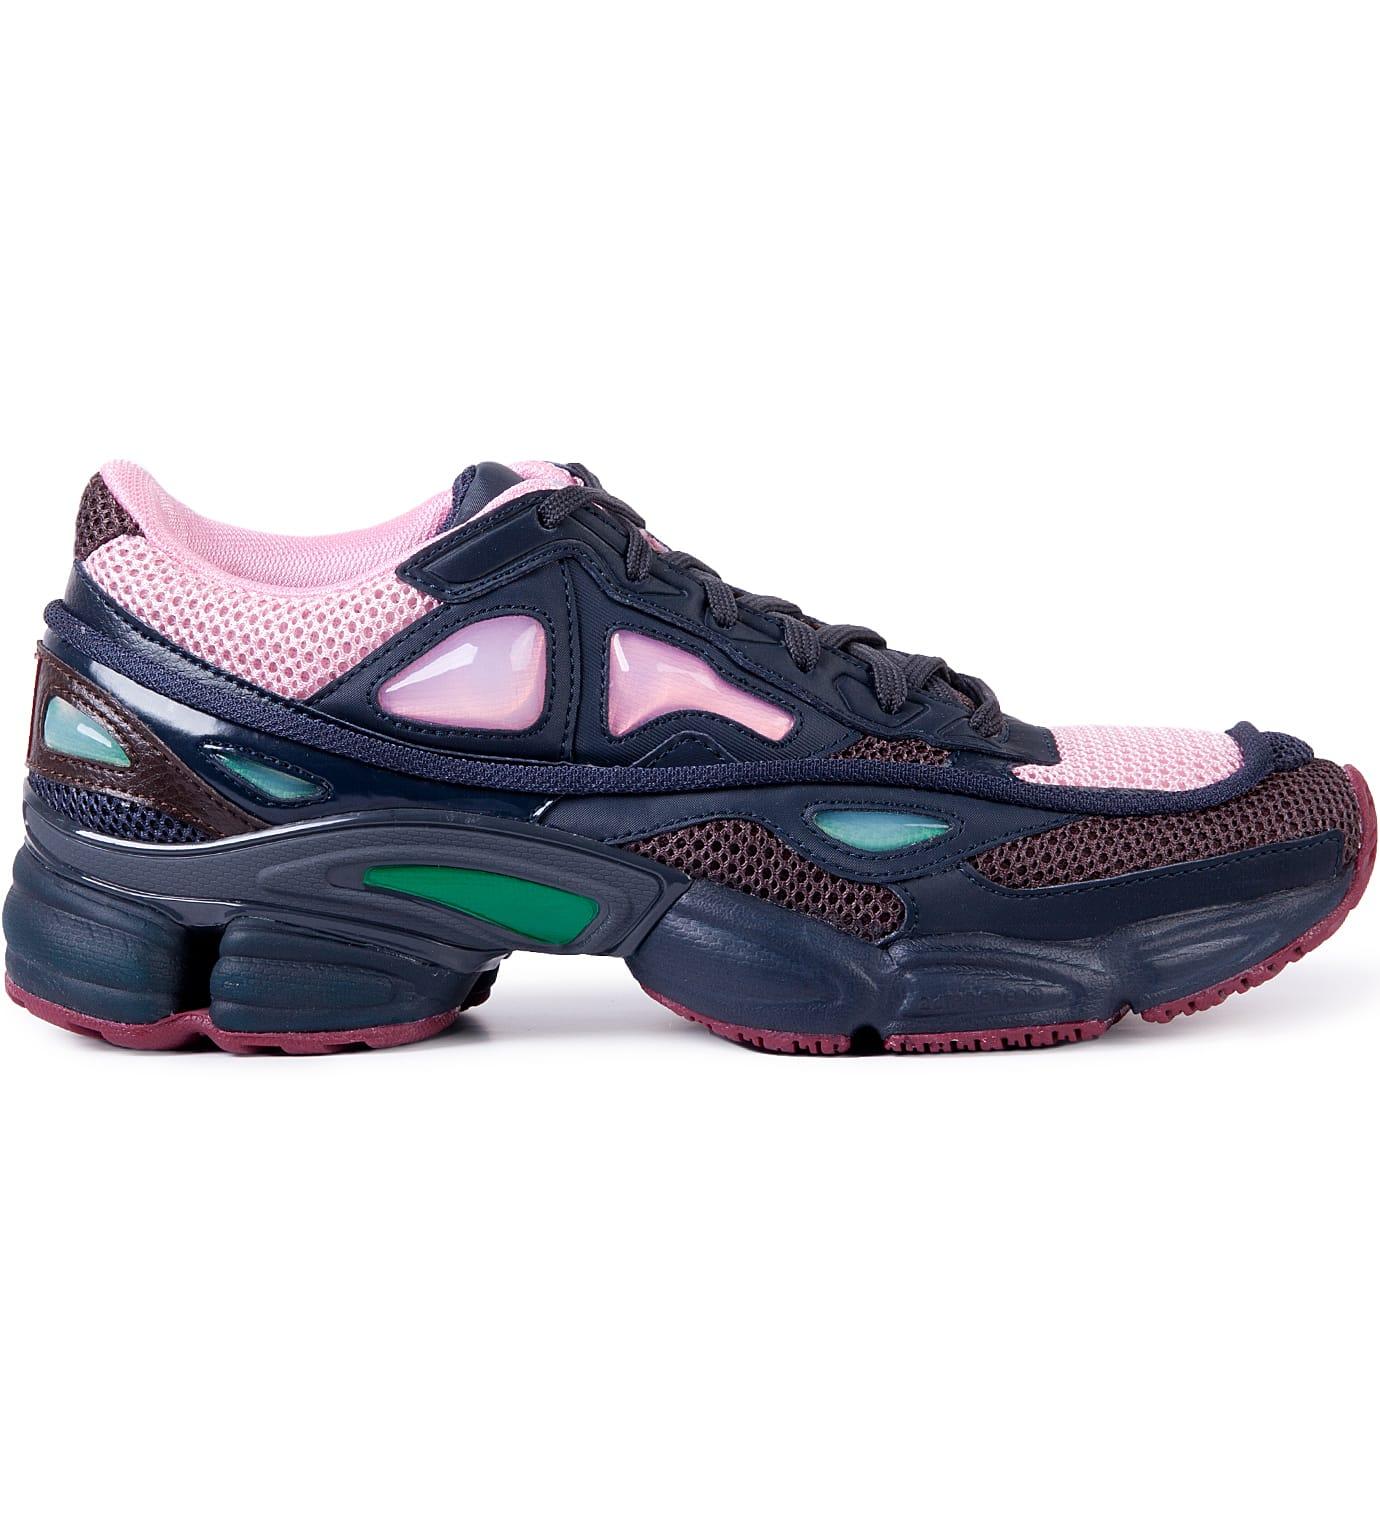 Adidas x Raf Simons Pink Ozweego 2